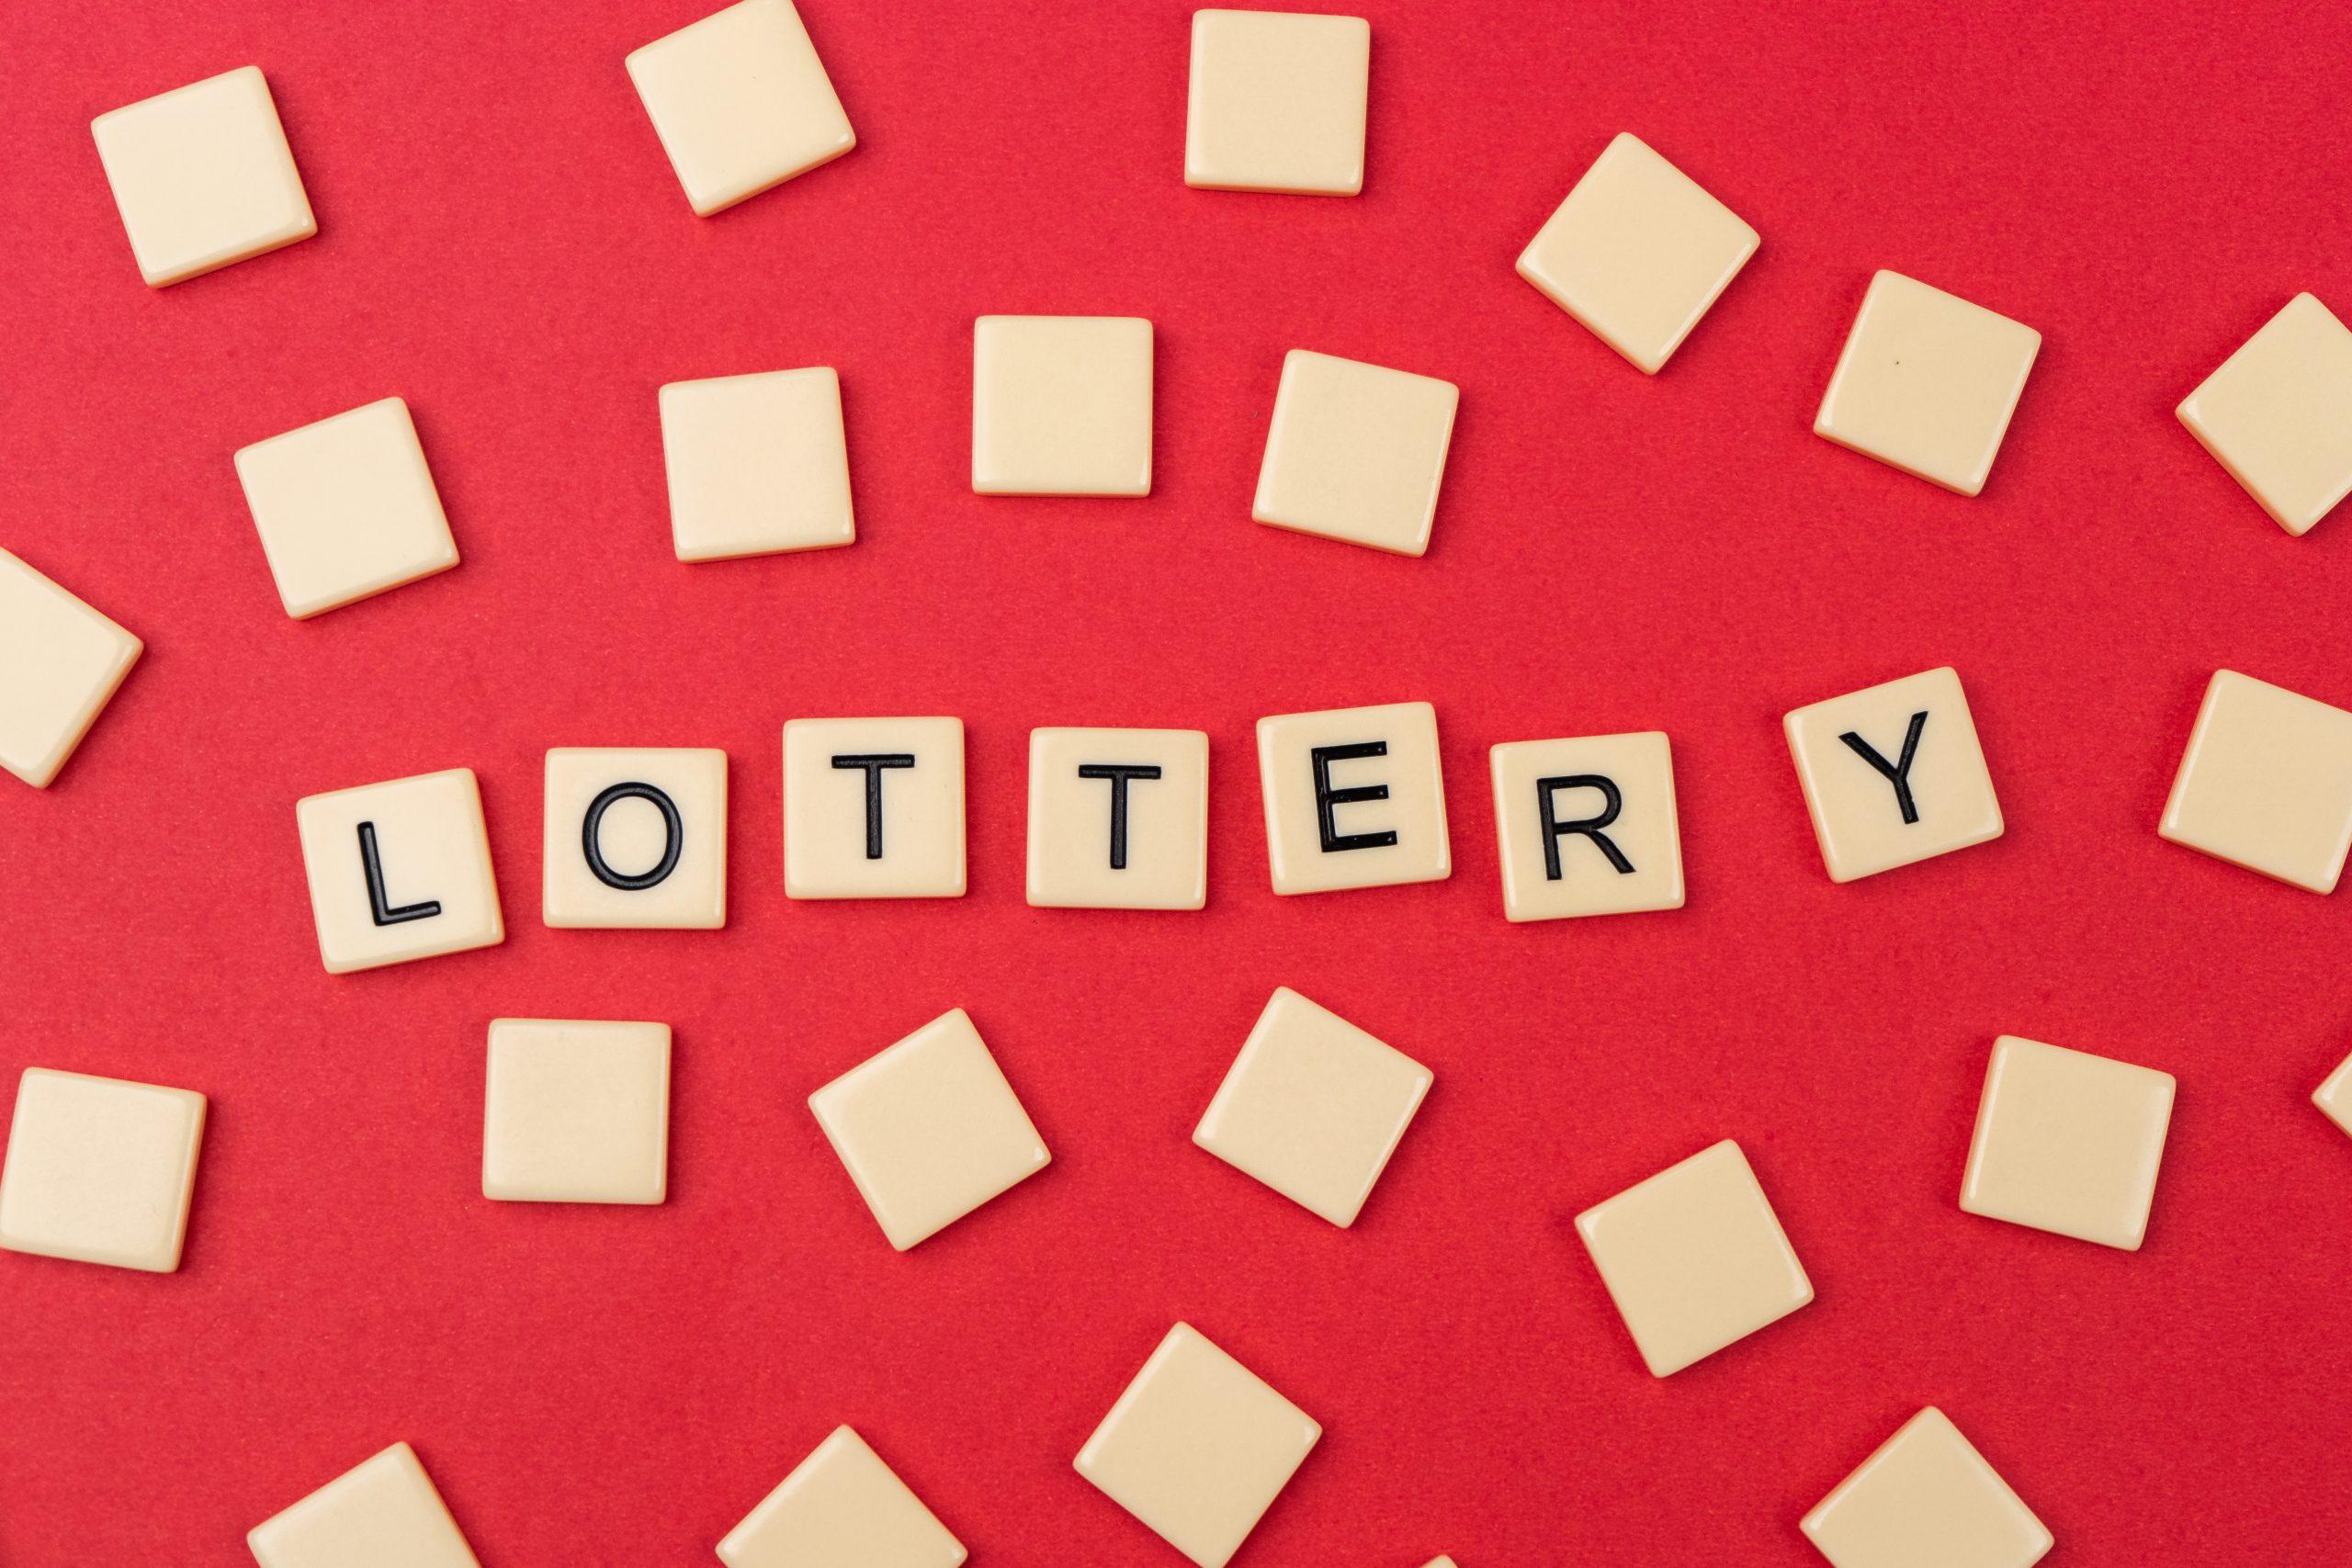 Lottery written on scrabble